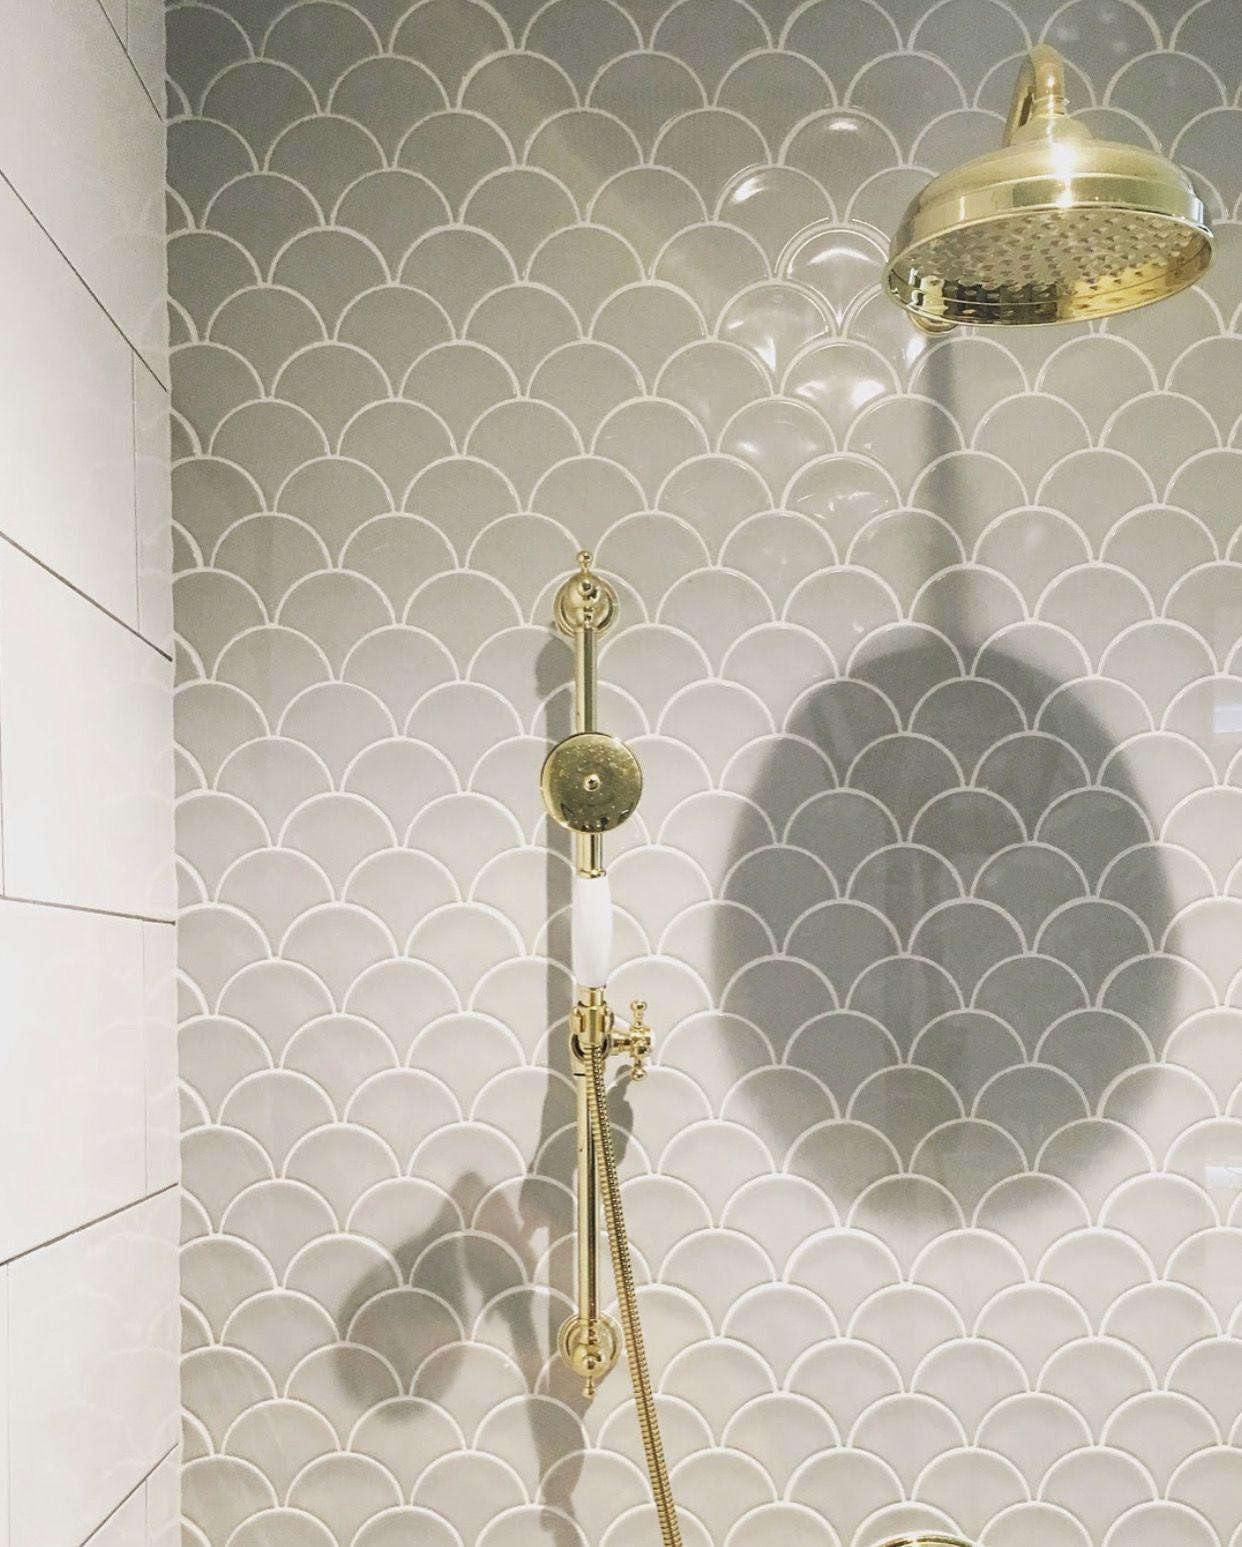 7+ Bathroom Tile Ideas - Colorful Tiled Bathrooms #bathroomtiledesigns